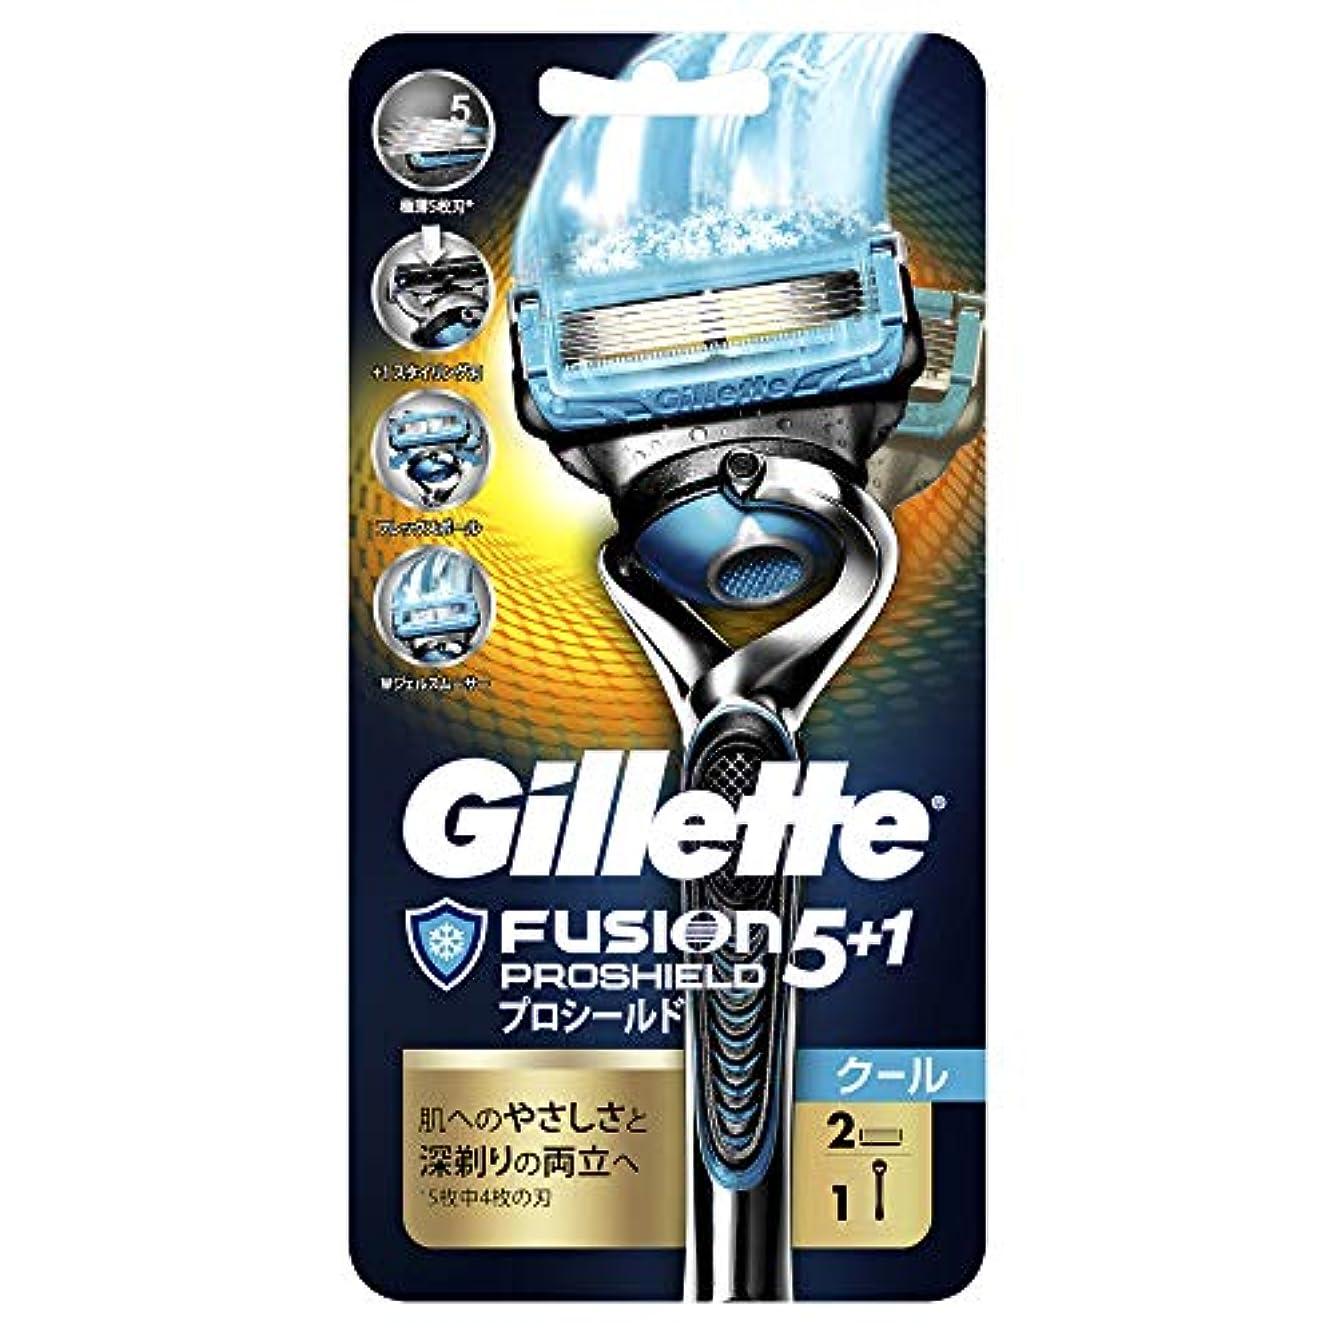 リードベアリング頑固なジレット 髭剃り フュージョン5+1 プロシールド クール 本体 替刃1個付